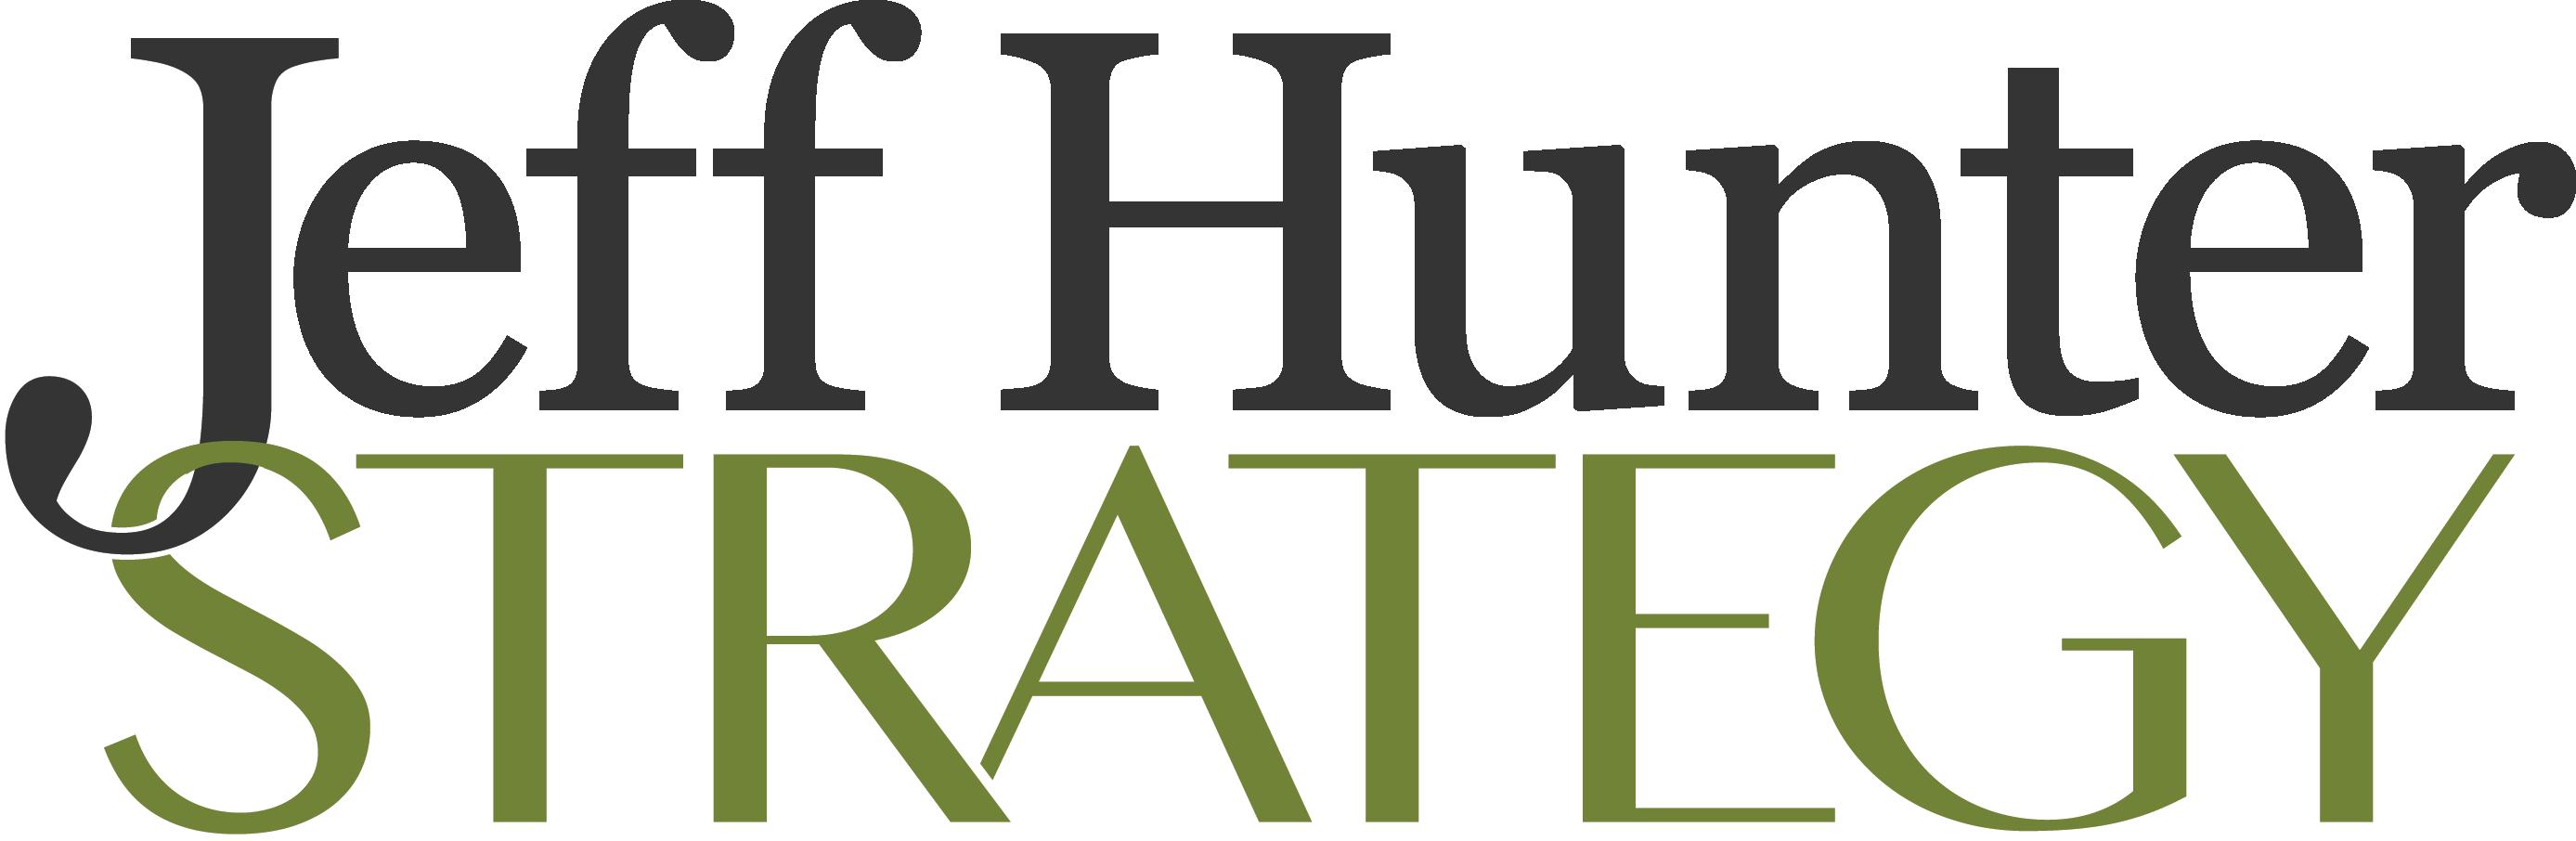 Jeff Hunter Strategy LLC